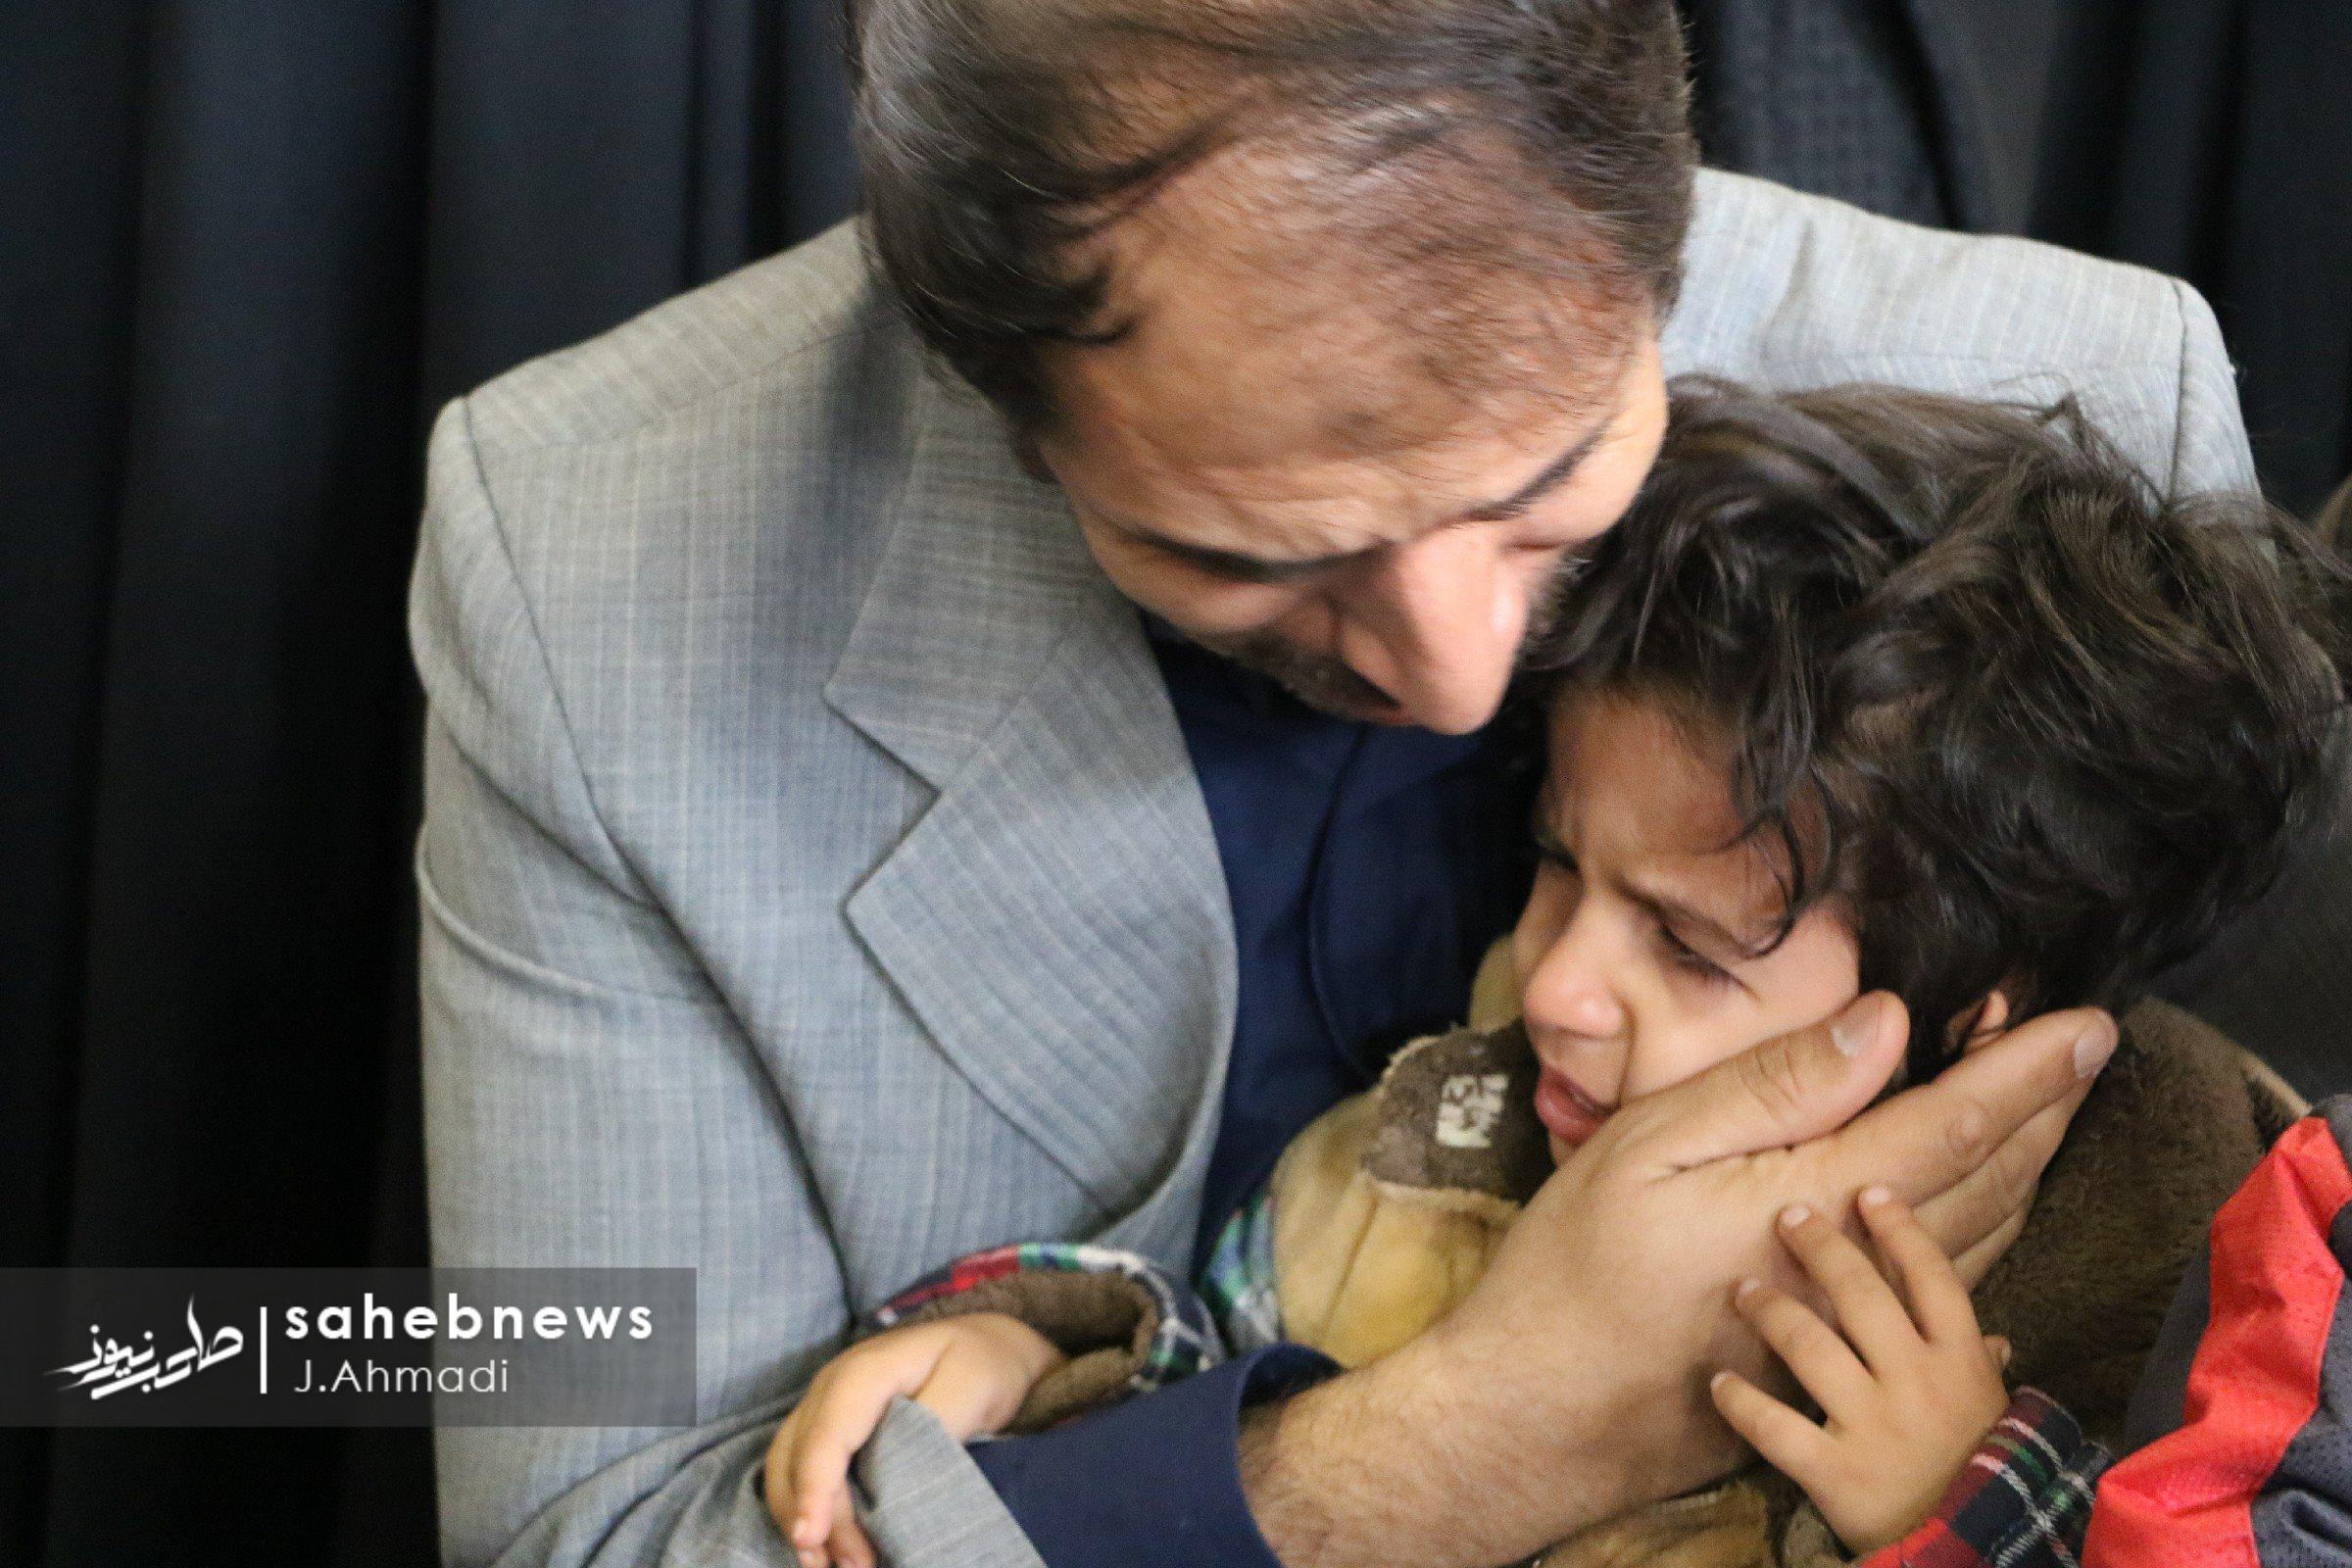 27 شهید حادثه تروریستی اصفهان (8)